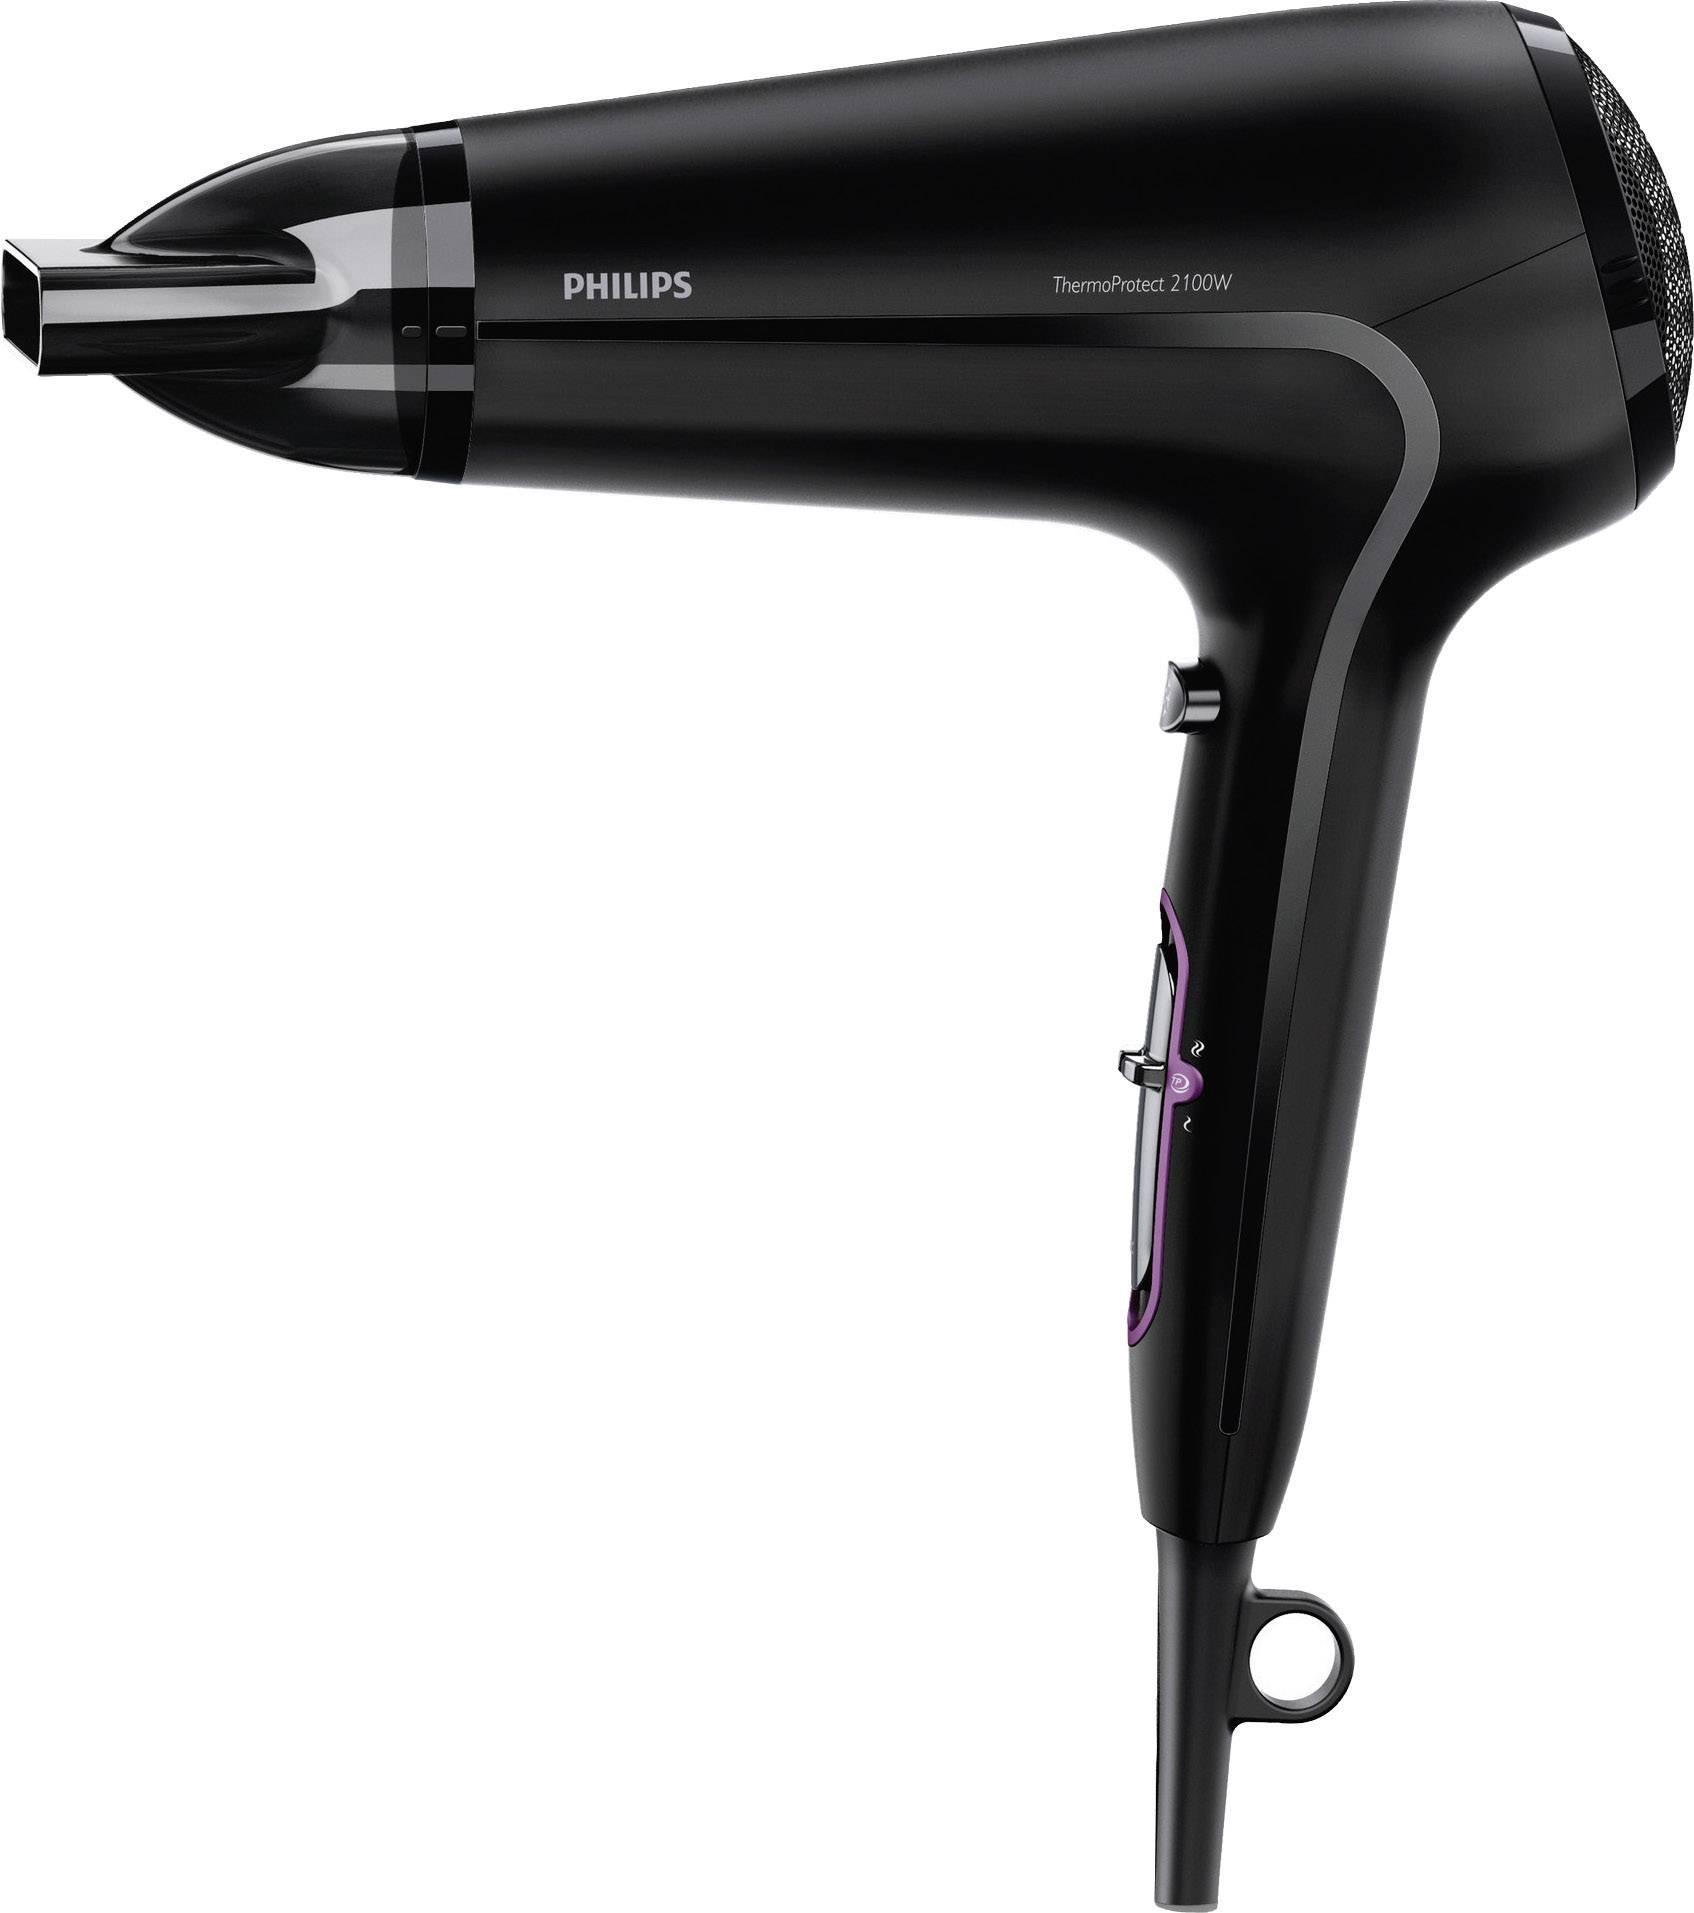 Fén Philips HP8230/00, 2100 W, čierna (matná)